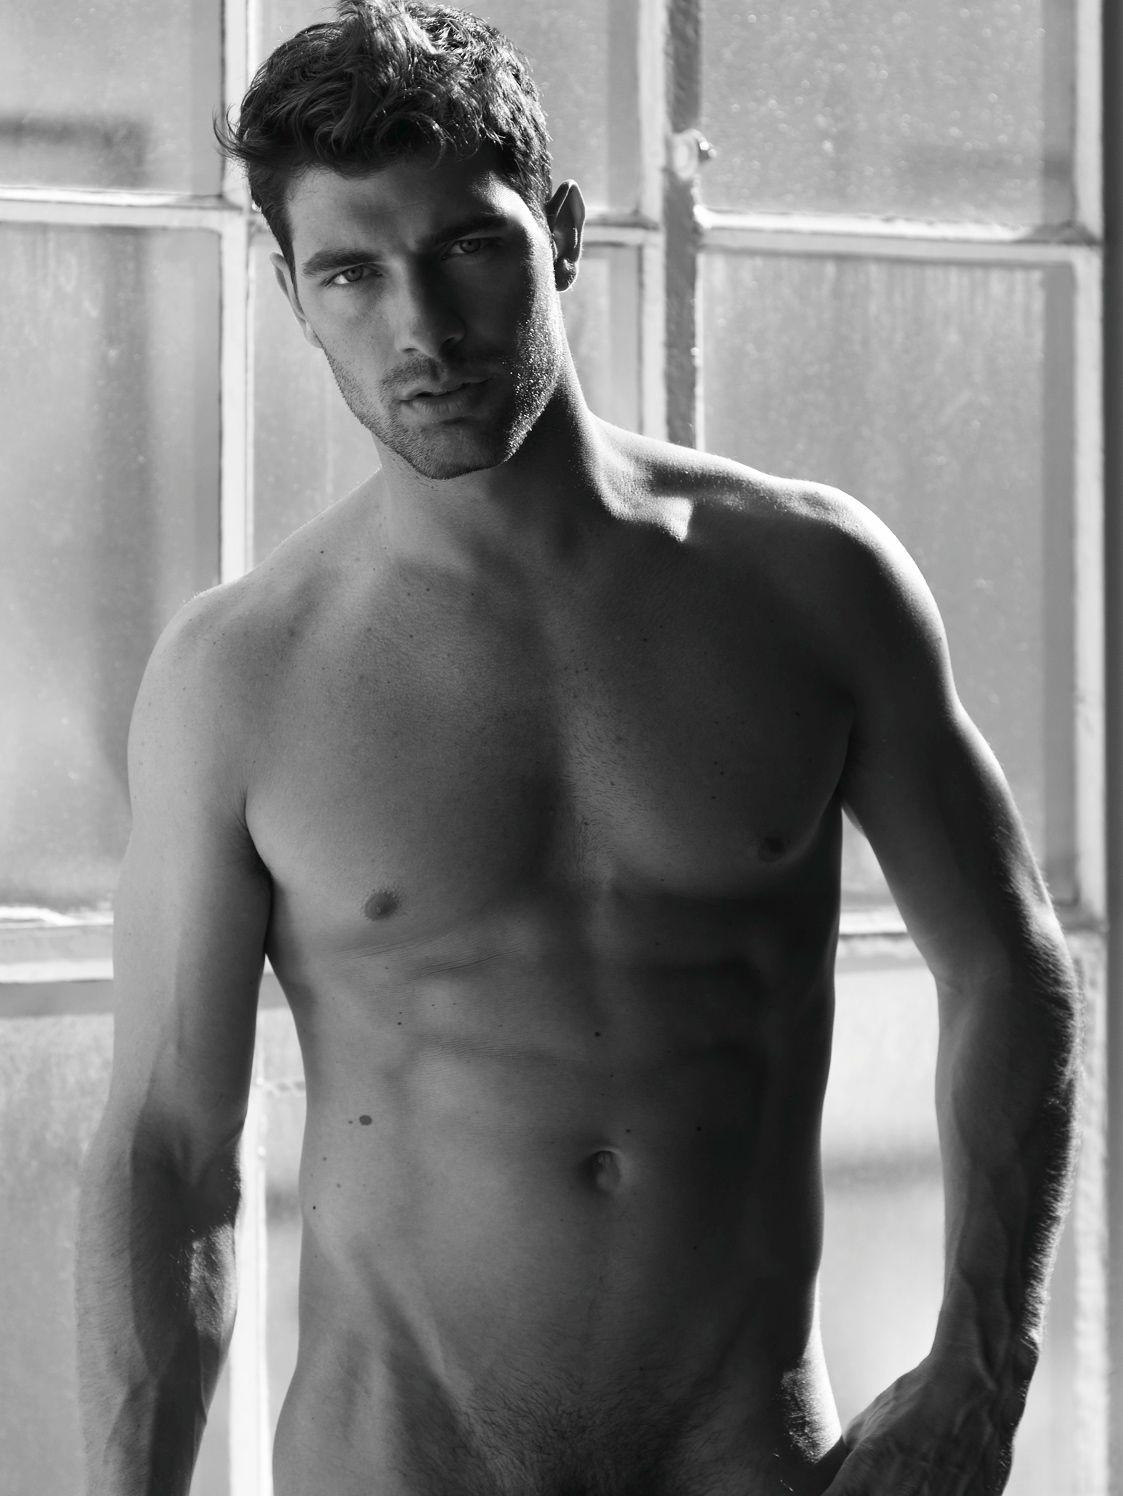 Cory Bond hot sexy dudes daddies men